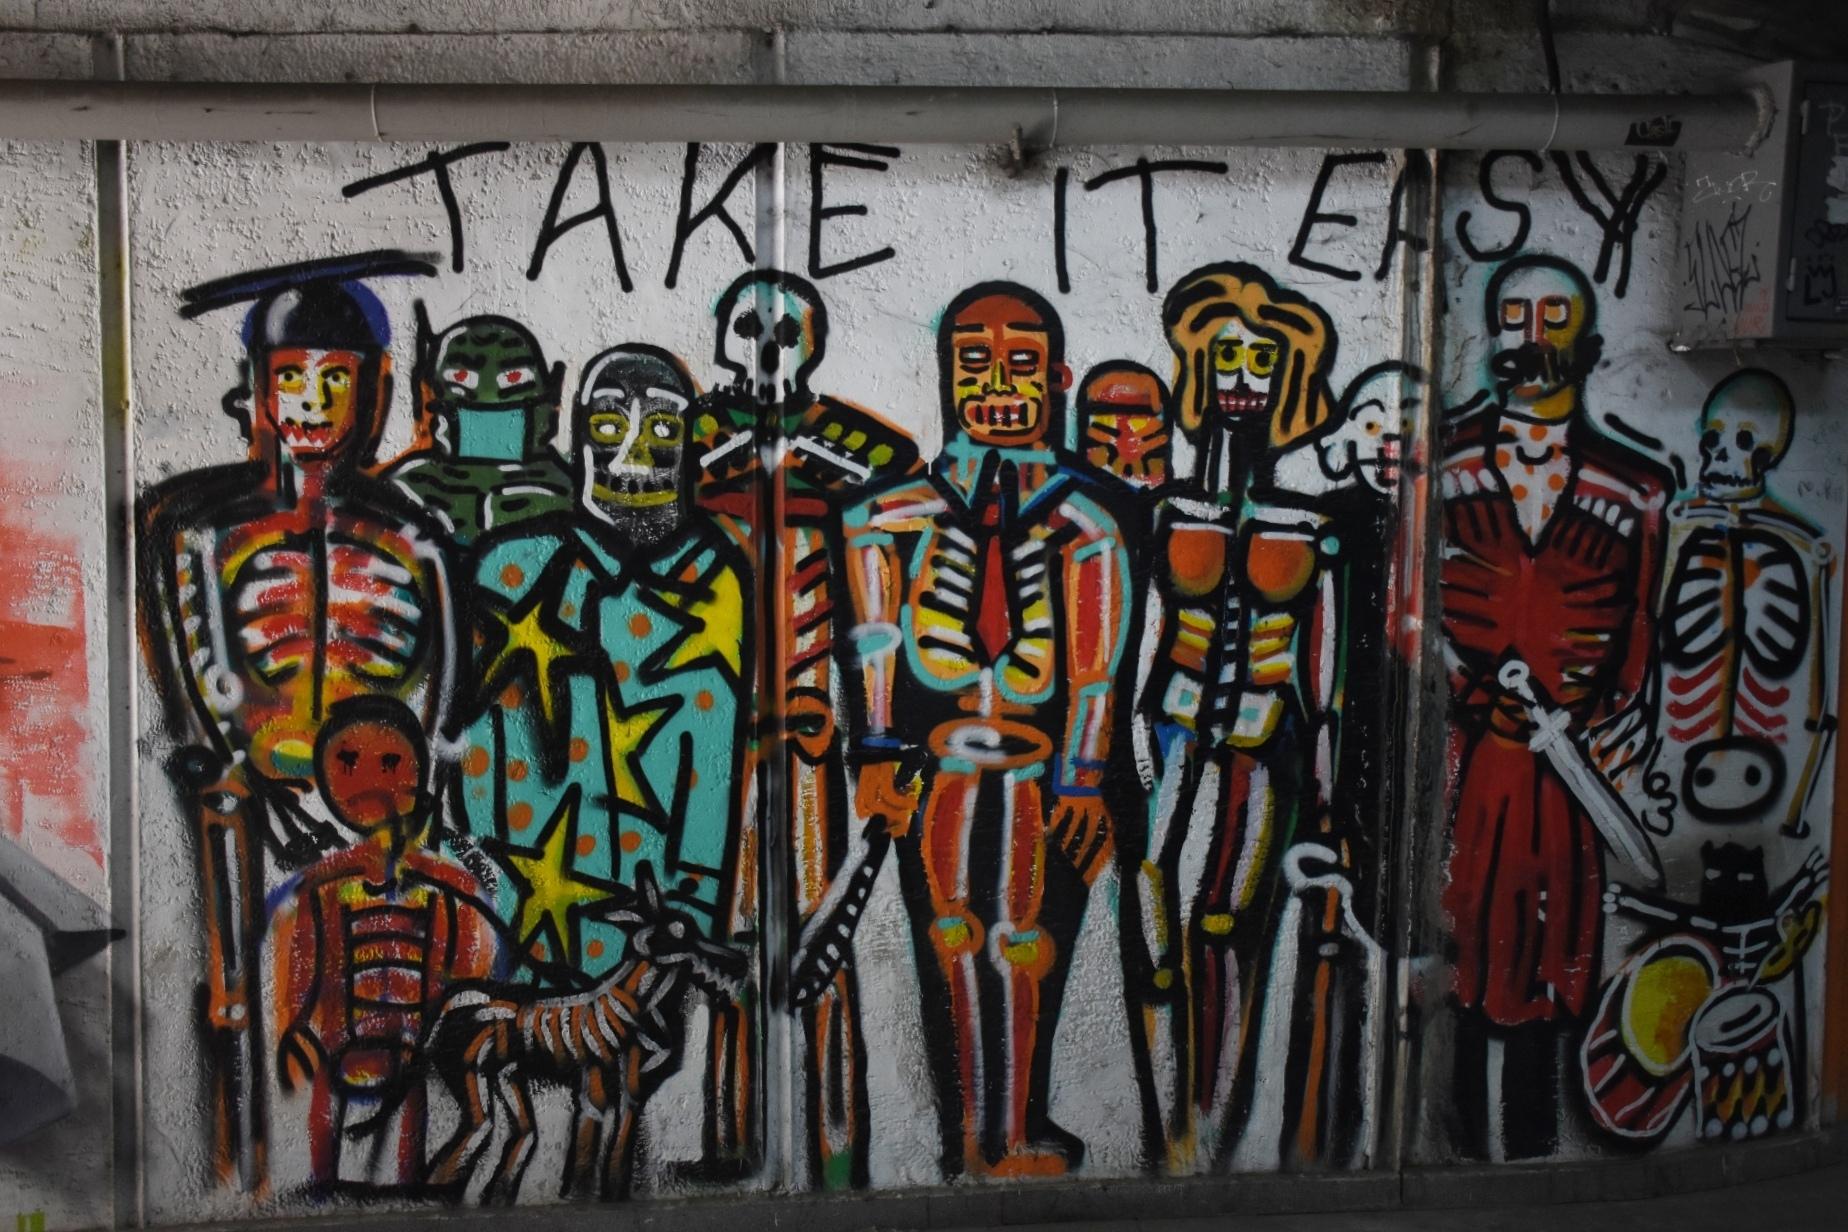 Стрит-арт в одном из подземных переходов Тбилиси. Автор неизвестен. Фото: Тата Шошиашвили/OC Media